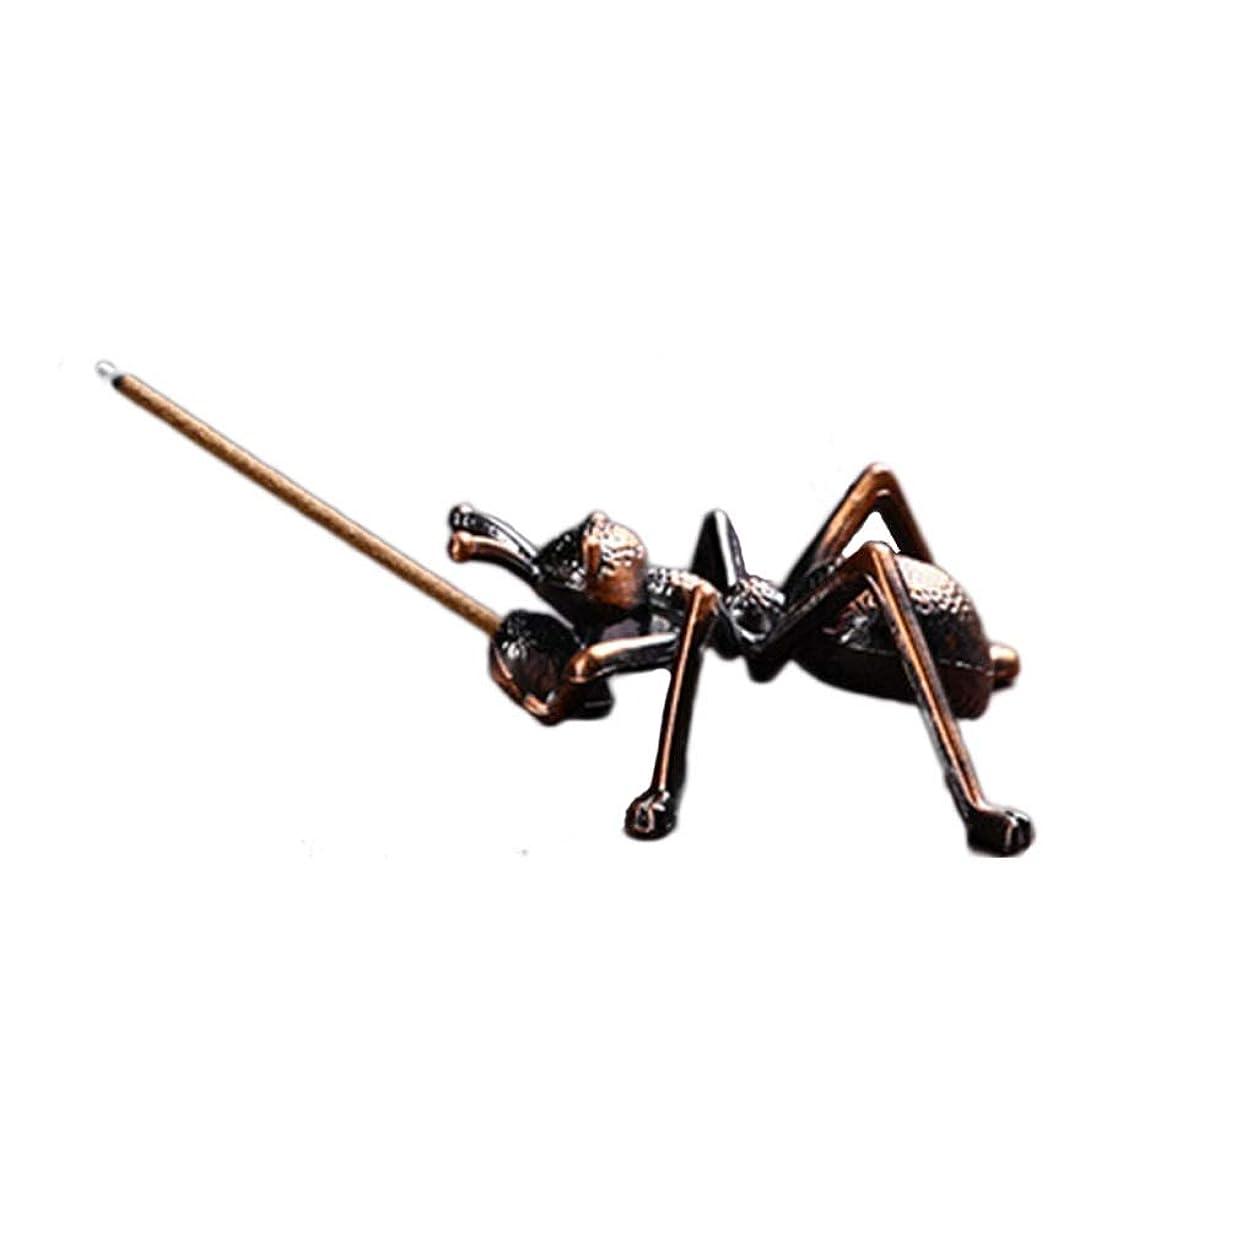 小さな苦情文句みなさん合金蟻香バーナーミニ線香ホルダー小さな香バーナーホルダーホームデコレーション香オイルバーナー (Color : Brown, サイズ : 1.96*0.86inchs)